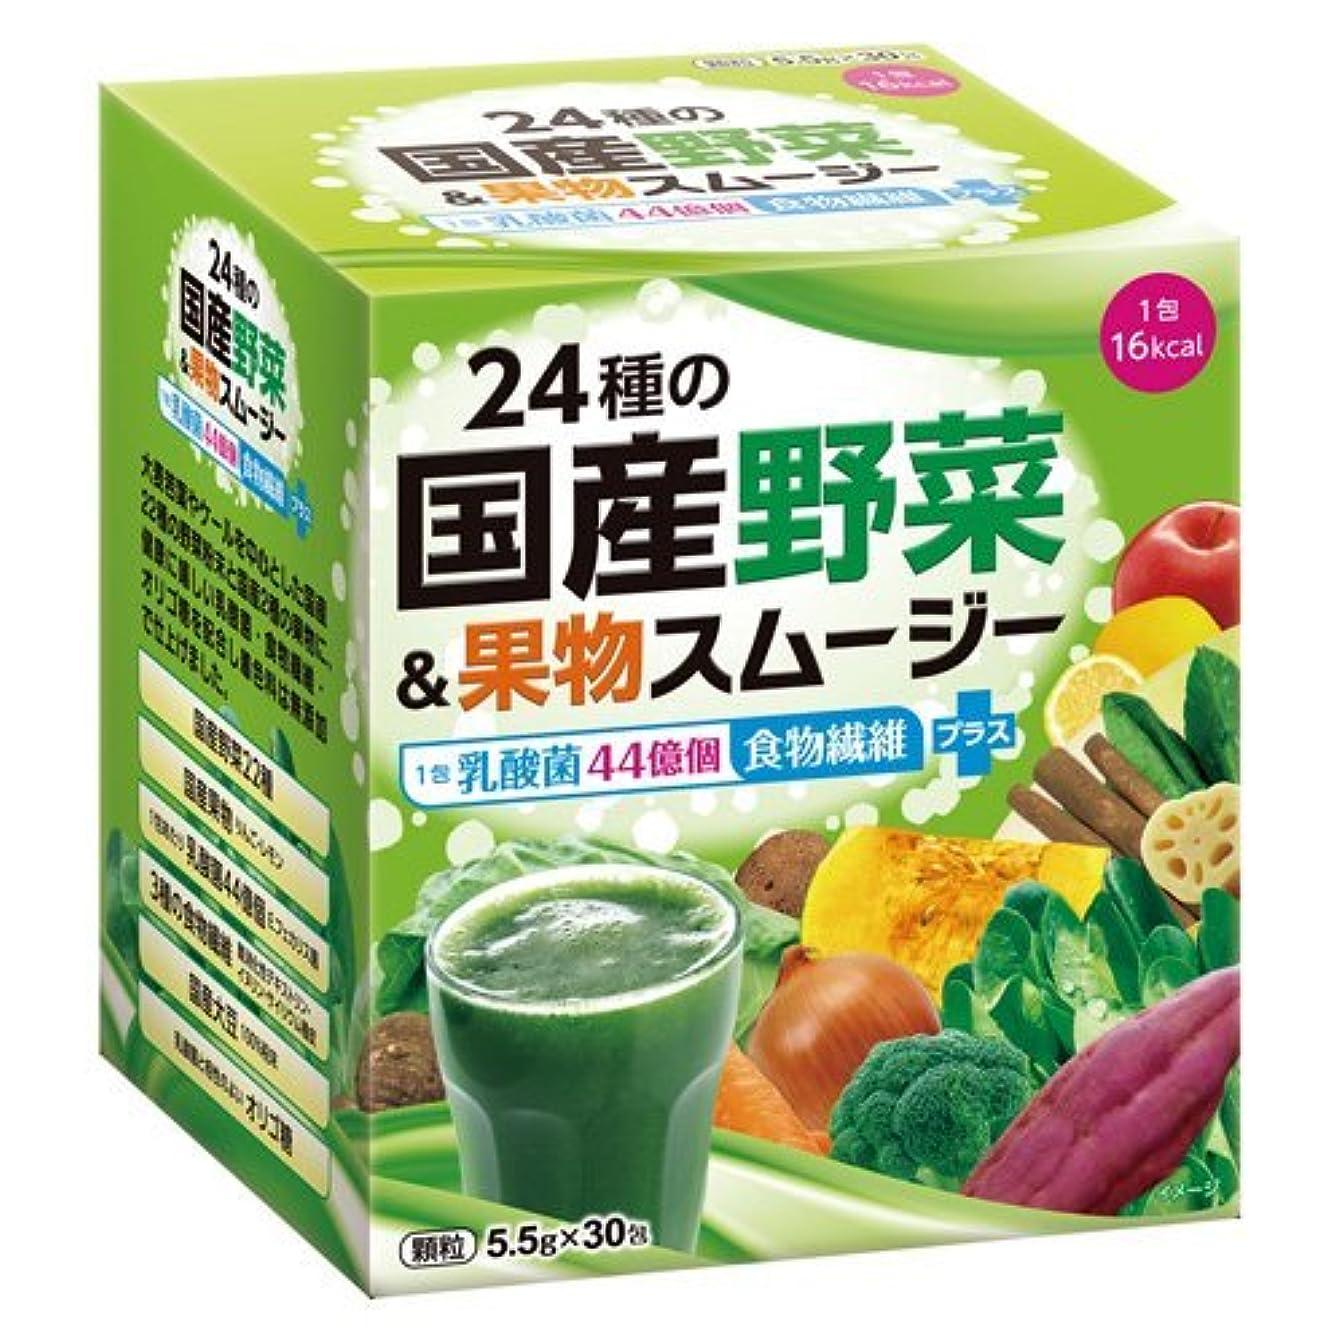 野なにぎやか教授24種の国産野菜&果物スムージー 165g(5.5g×30包)